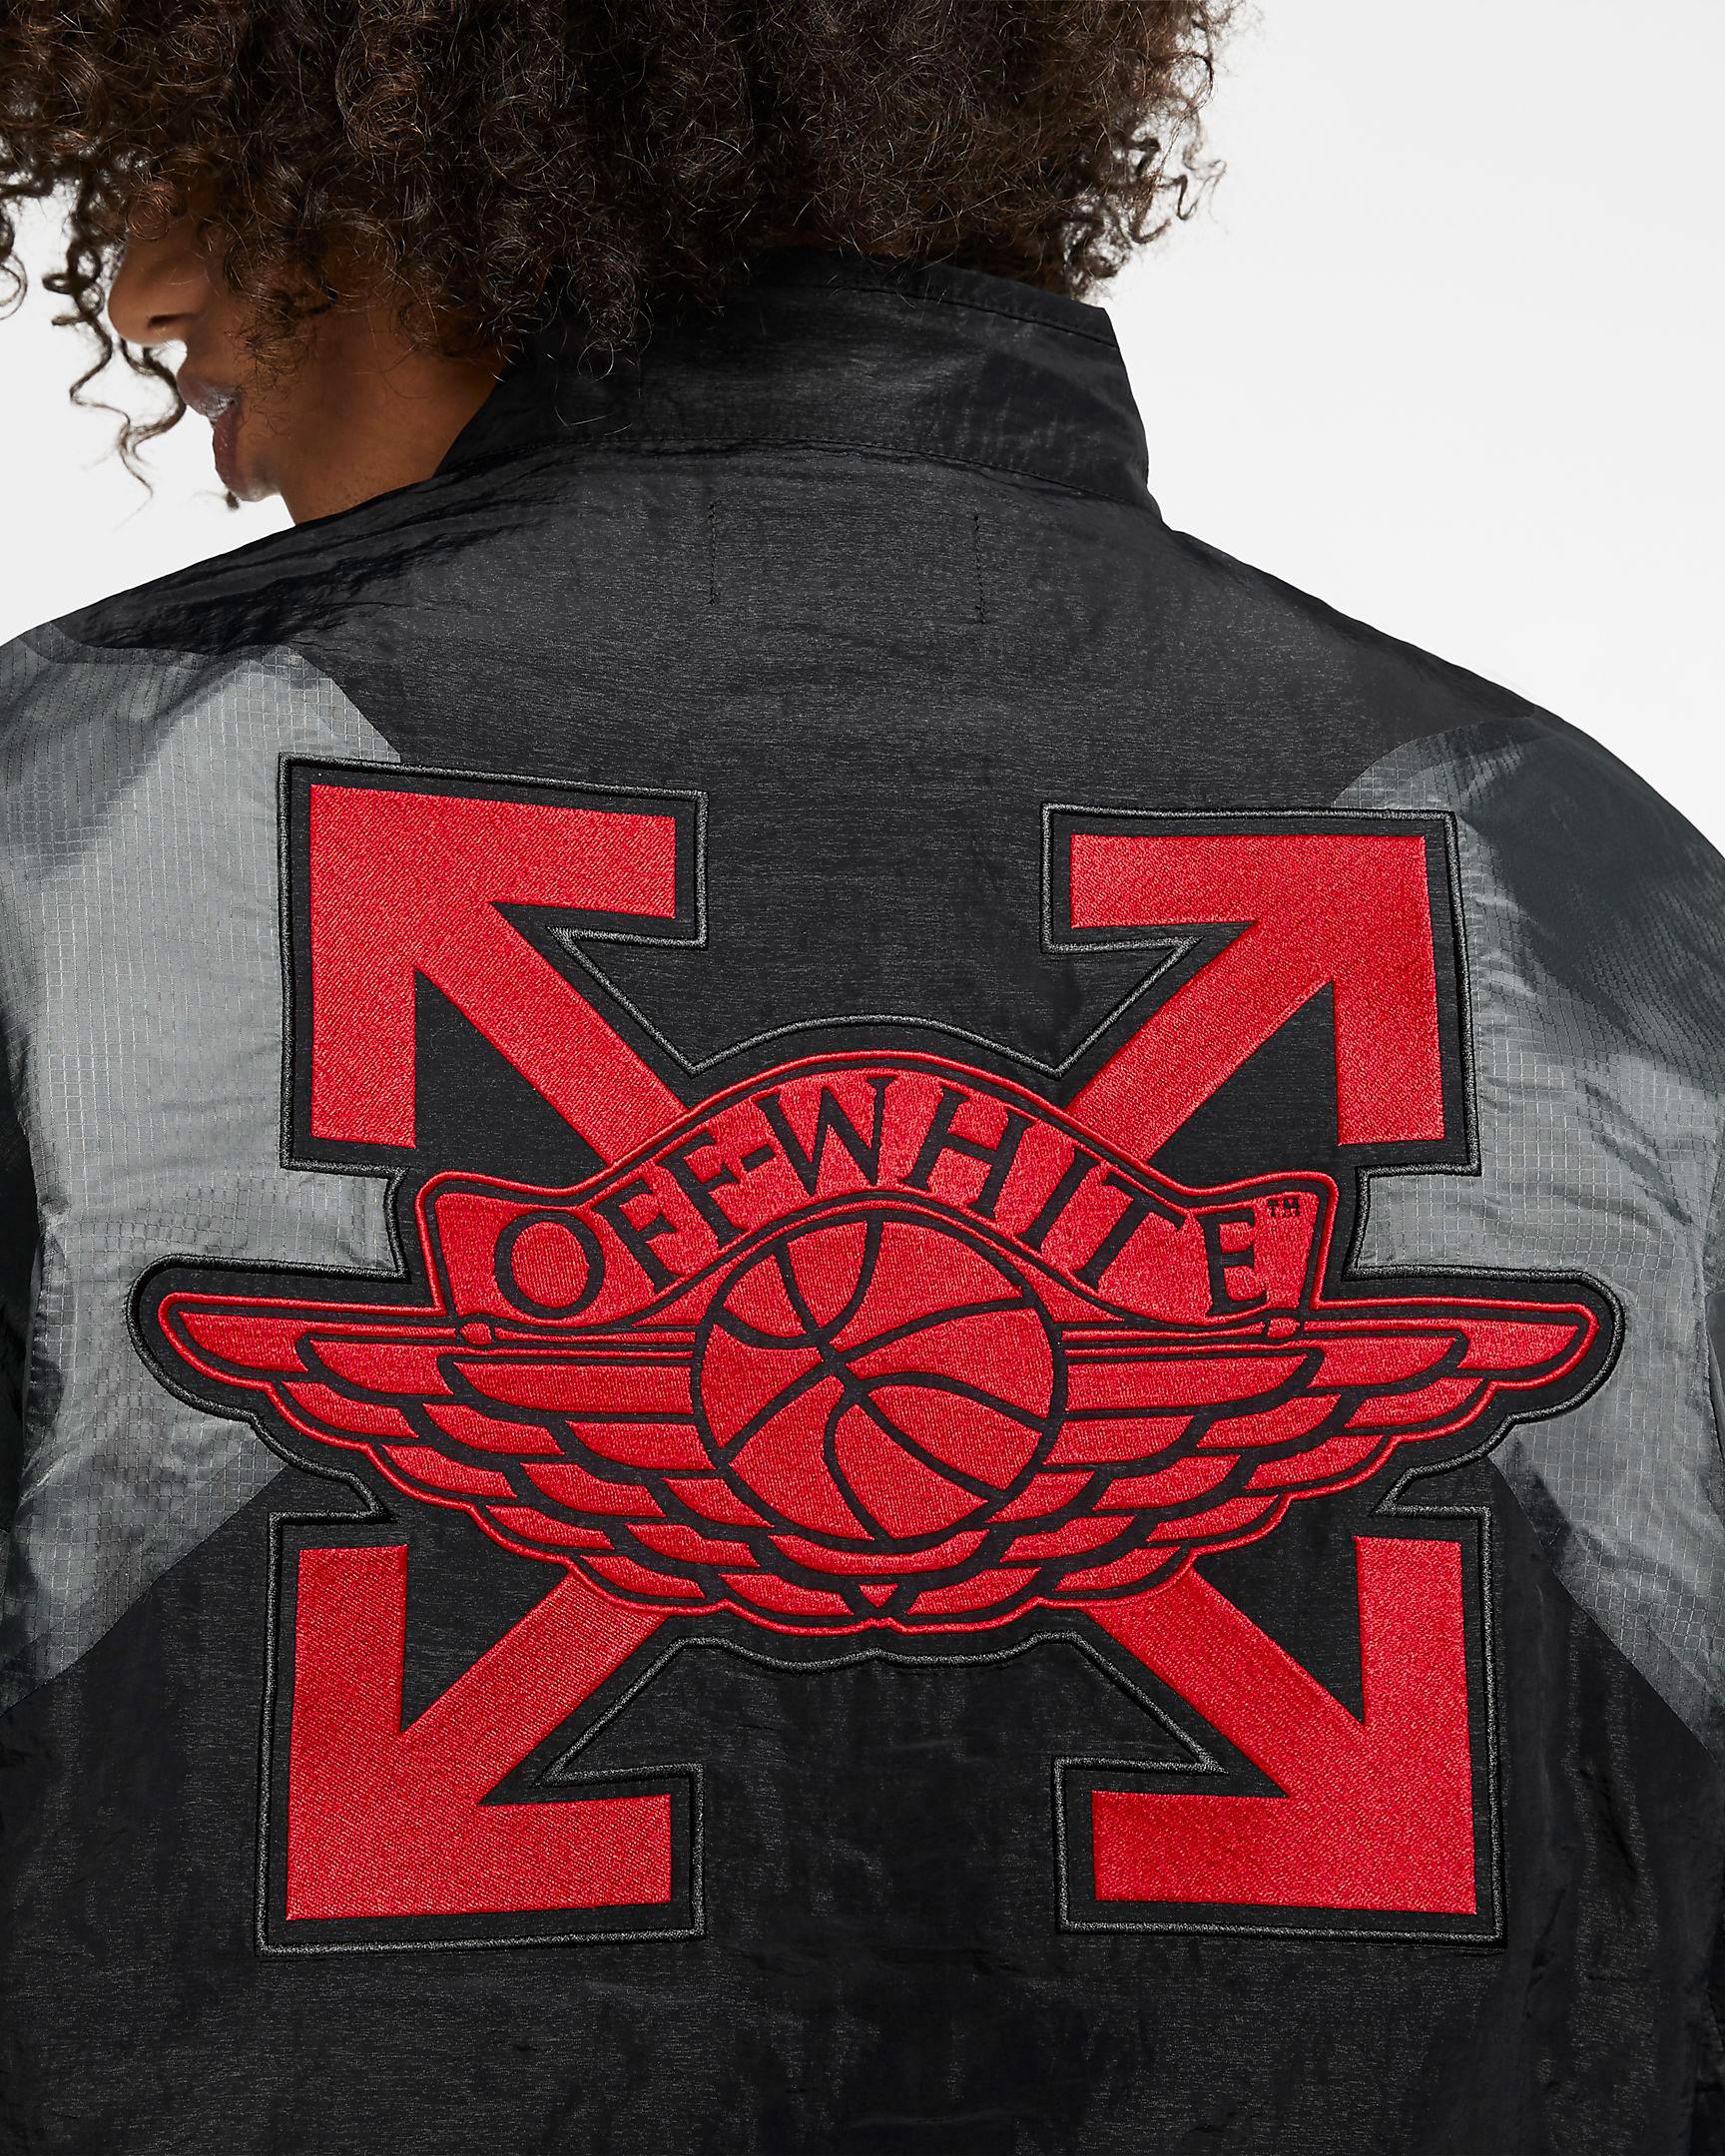 off-white-jordan-5-jacket-4